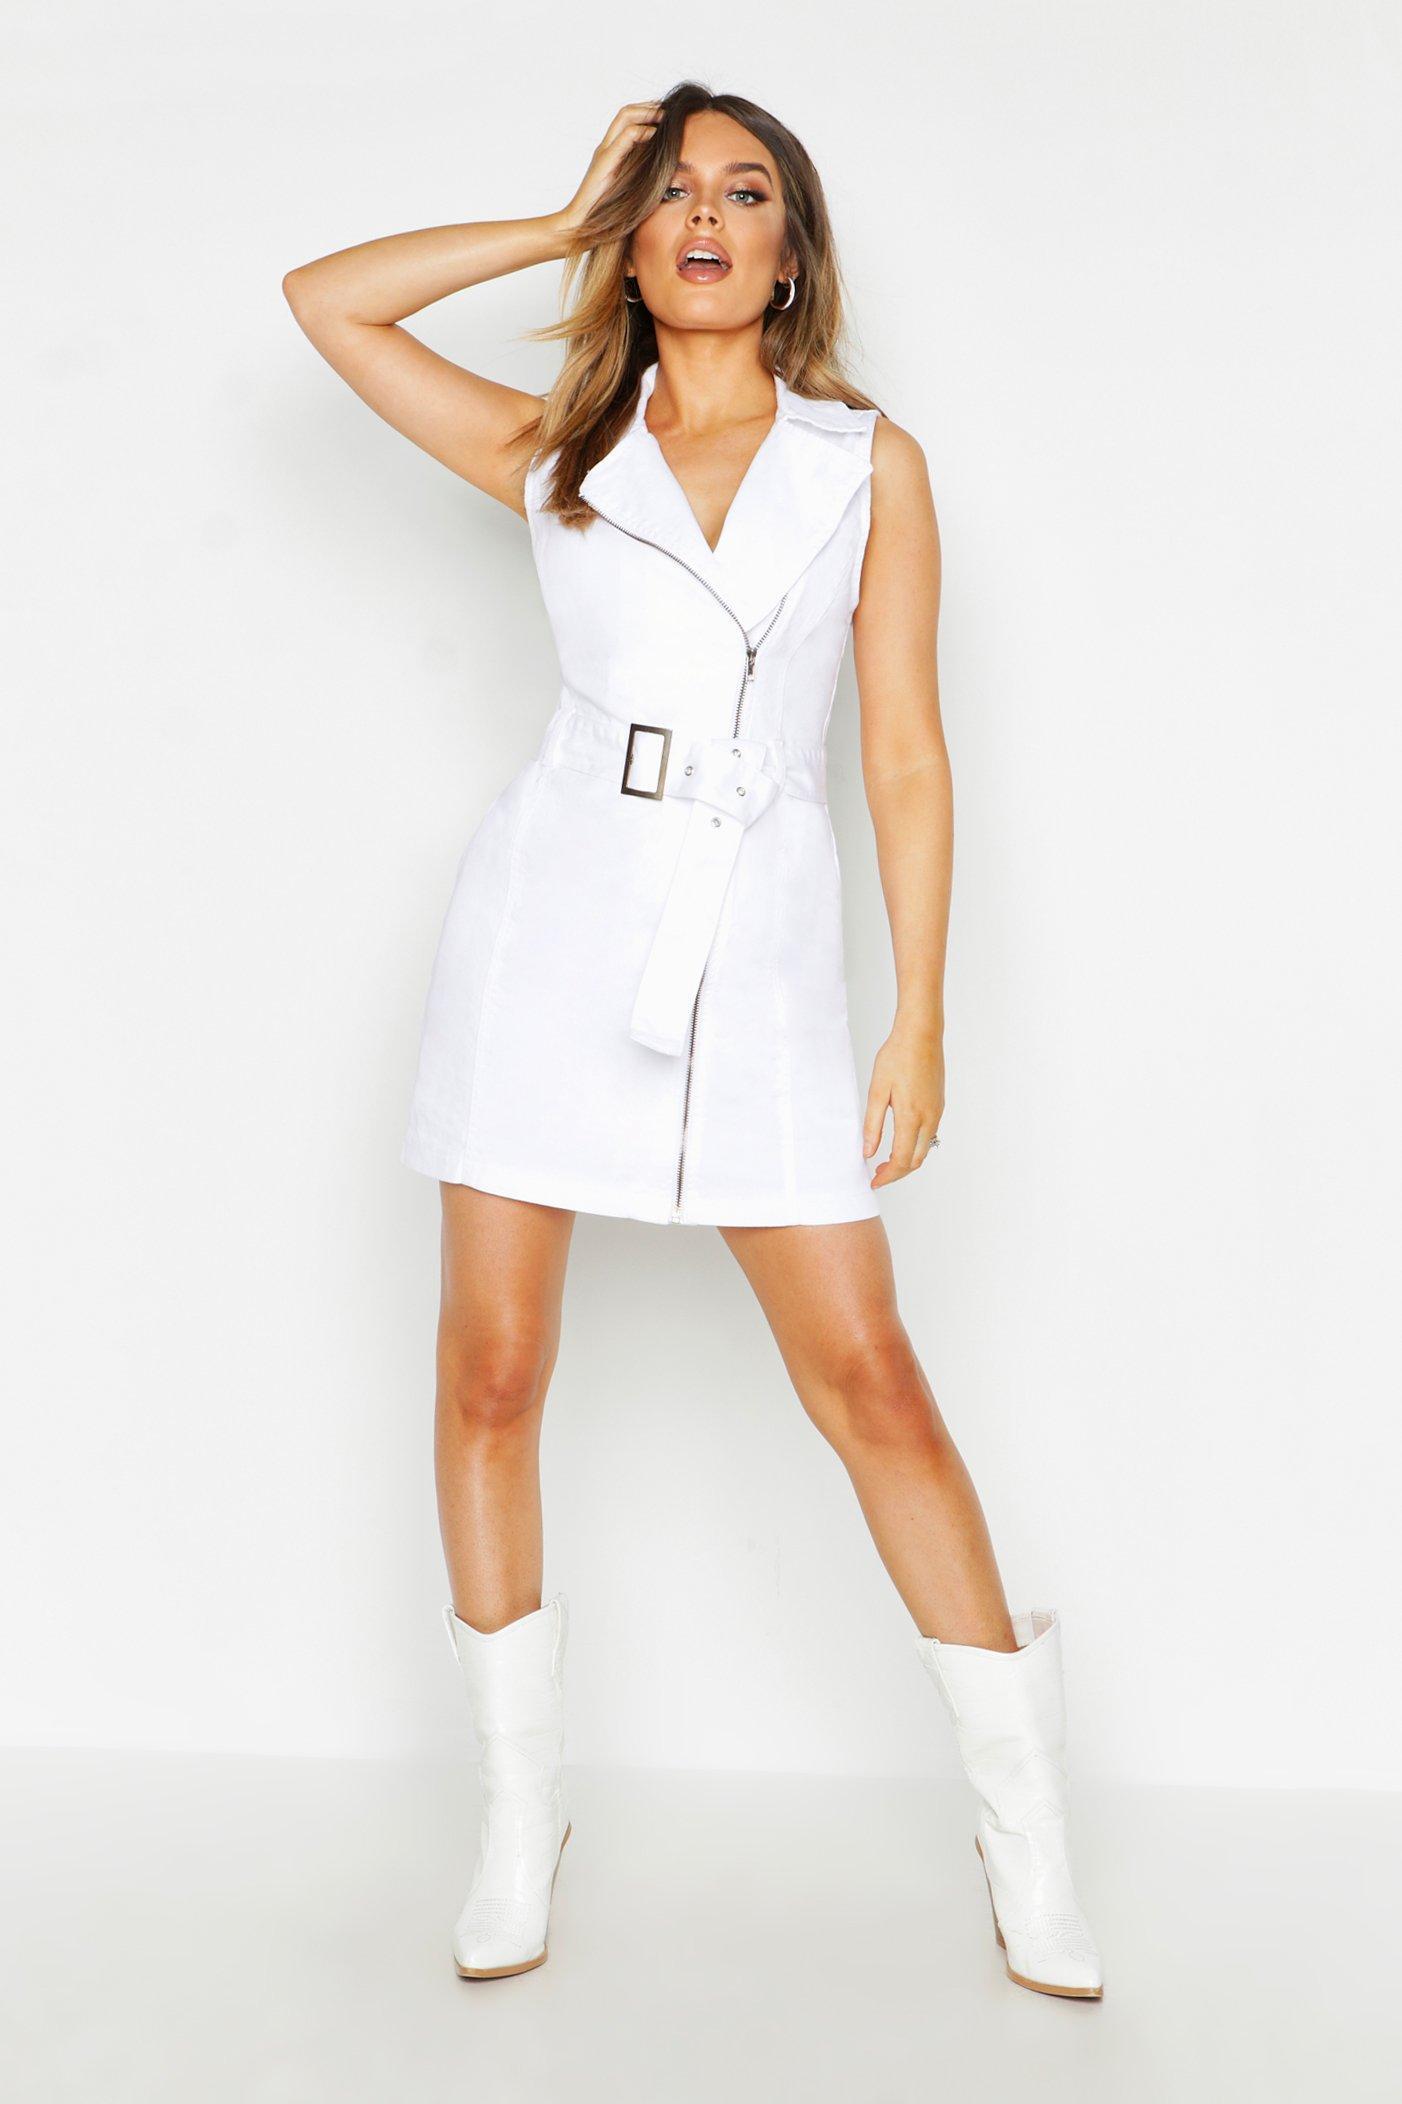 Womens Ärmelloses Jeanskleid mit Gürtel und Reißverschluss - Weiß - 34, Weiß - Boohoo.com